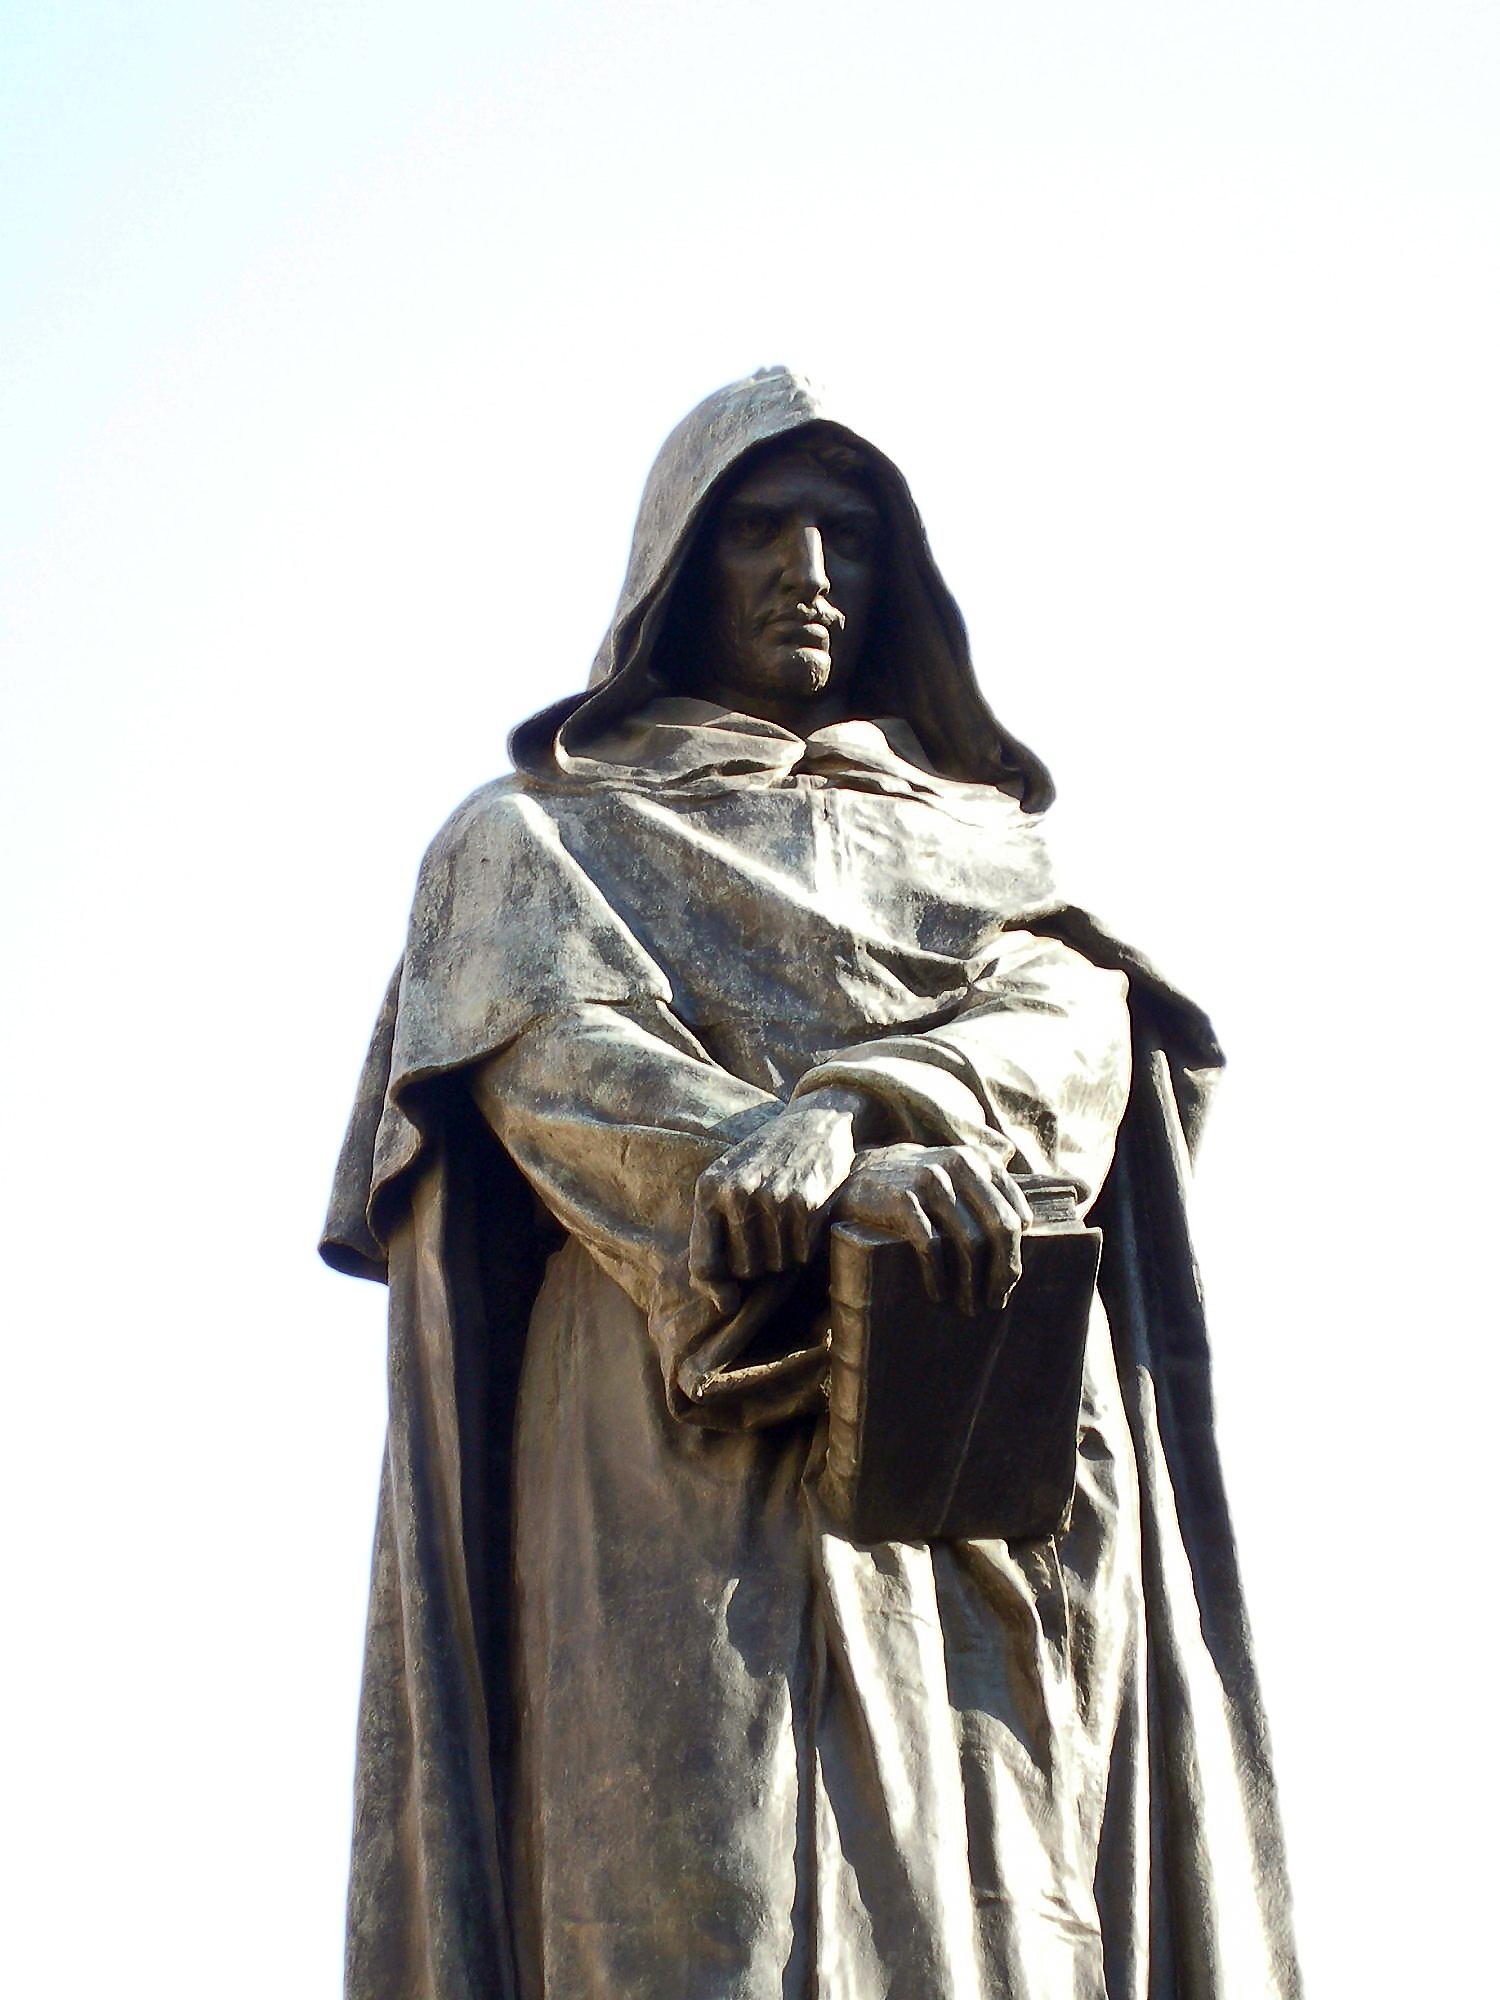 Statue de Giordano Bruno sur la place Campo dei Fiori à Rome.